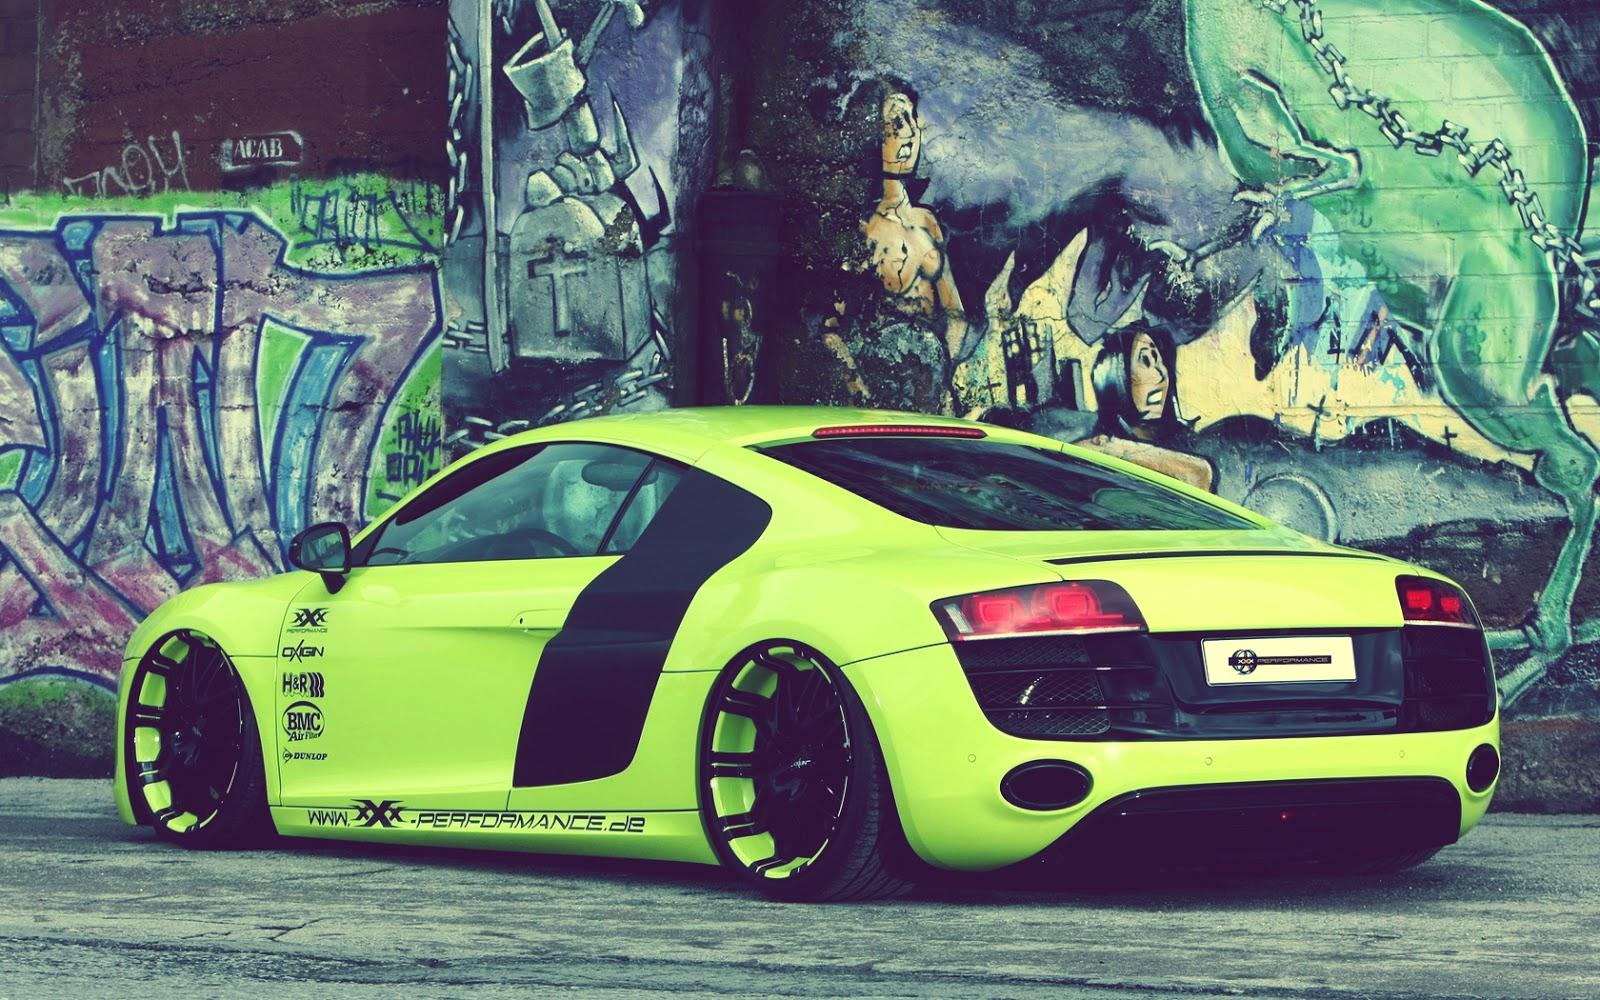 Fondos De Pantalla Coches: Imagenes Y Wallpapers: Fondo De Pantalla Coche Audi Tunning